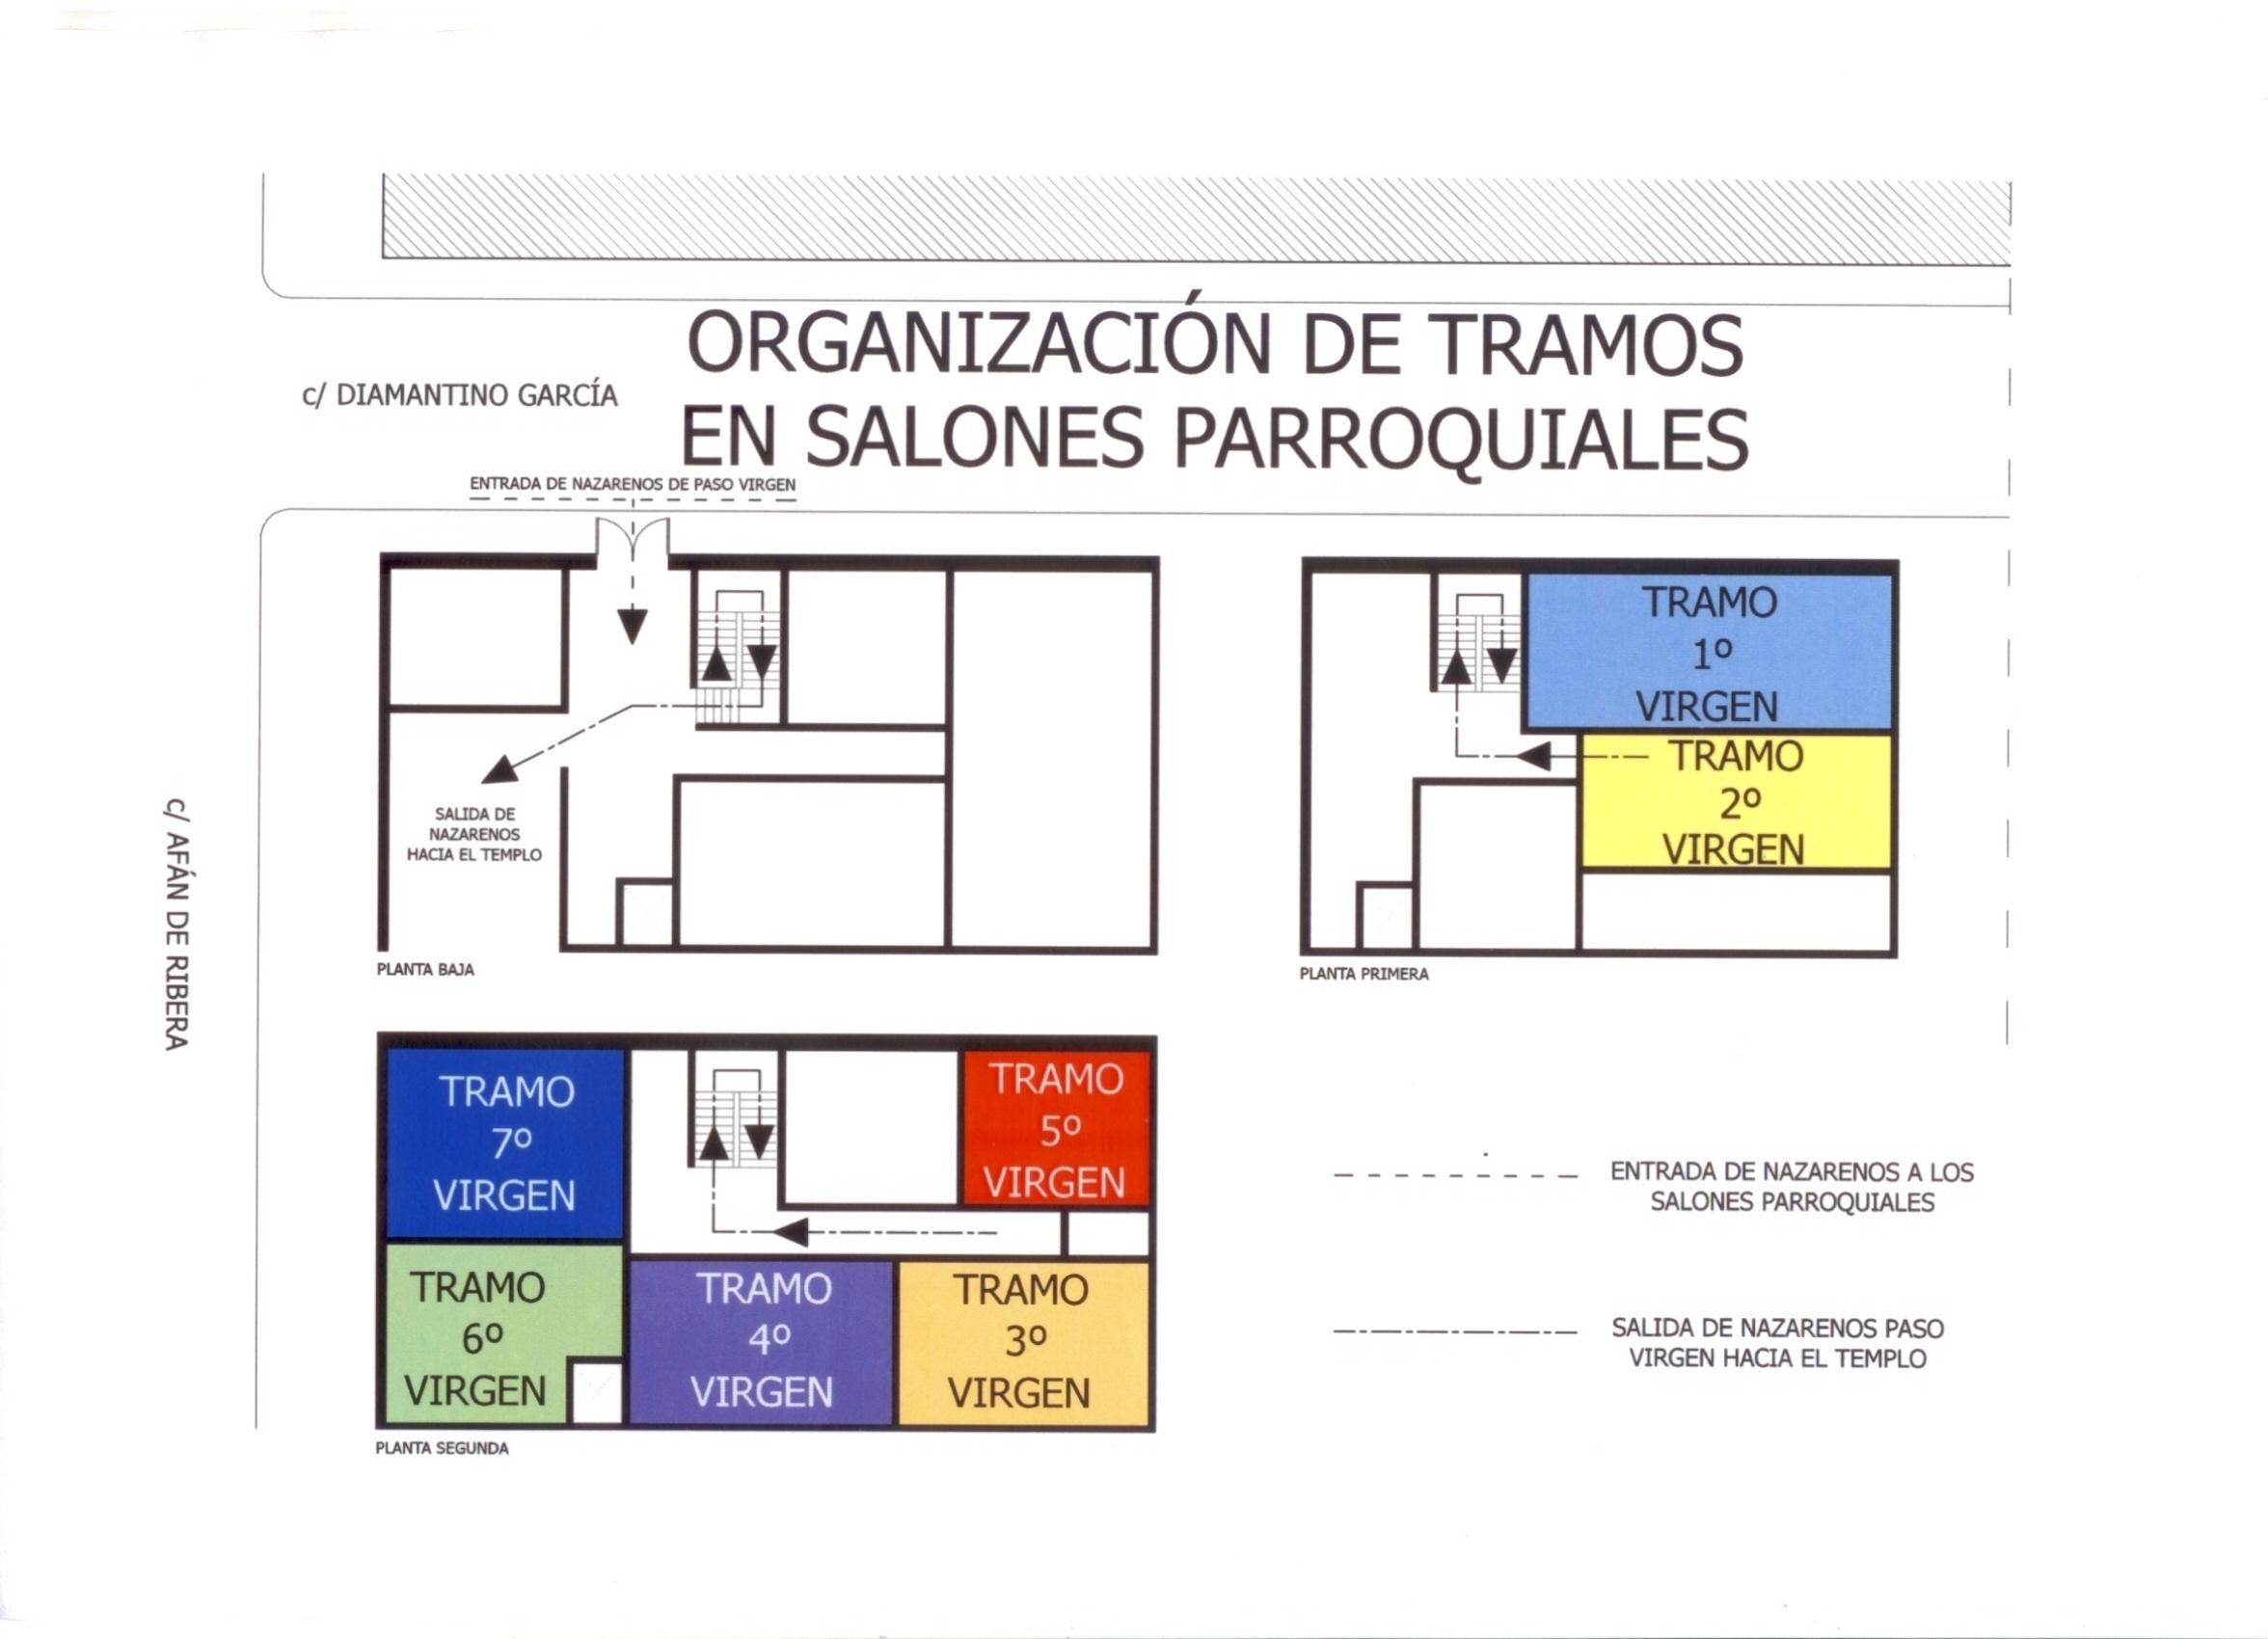 Plano salones parroquiales 2014 | Noticias Hermandad